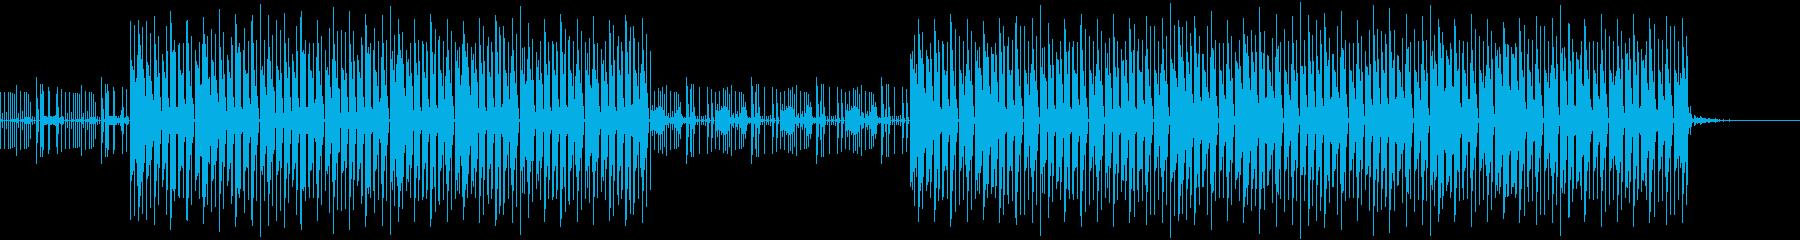 パーカッションハウス・おしゃれ爽やか軽快の再生済みの波形